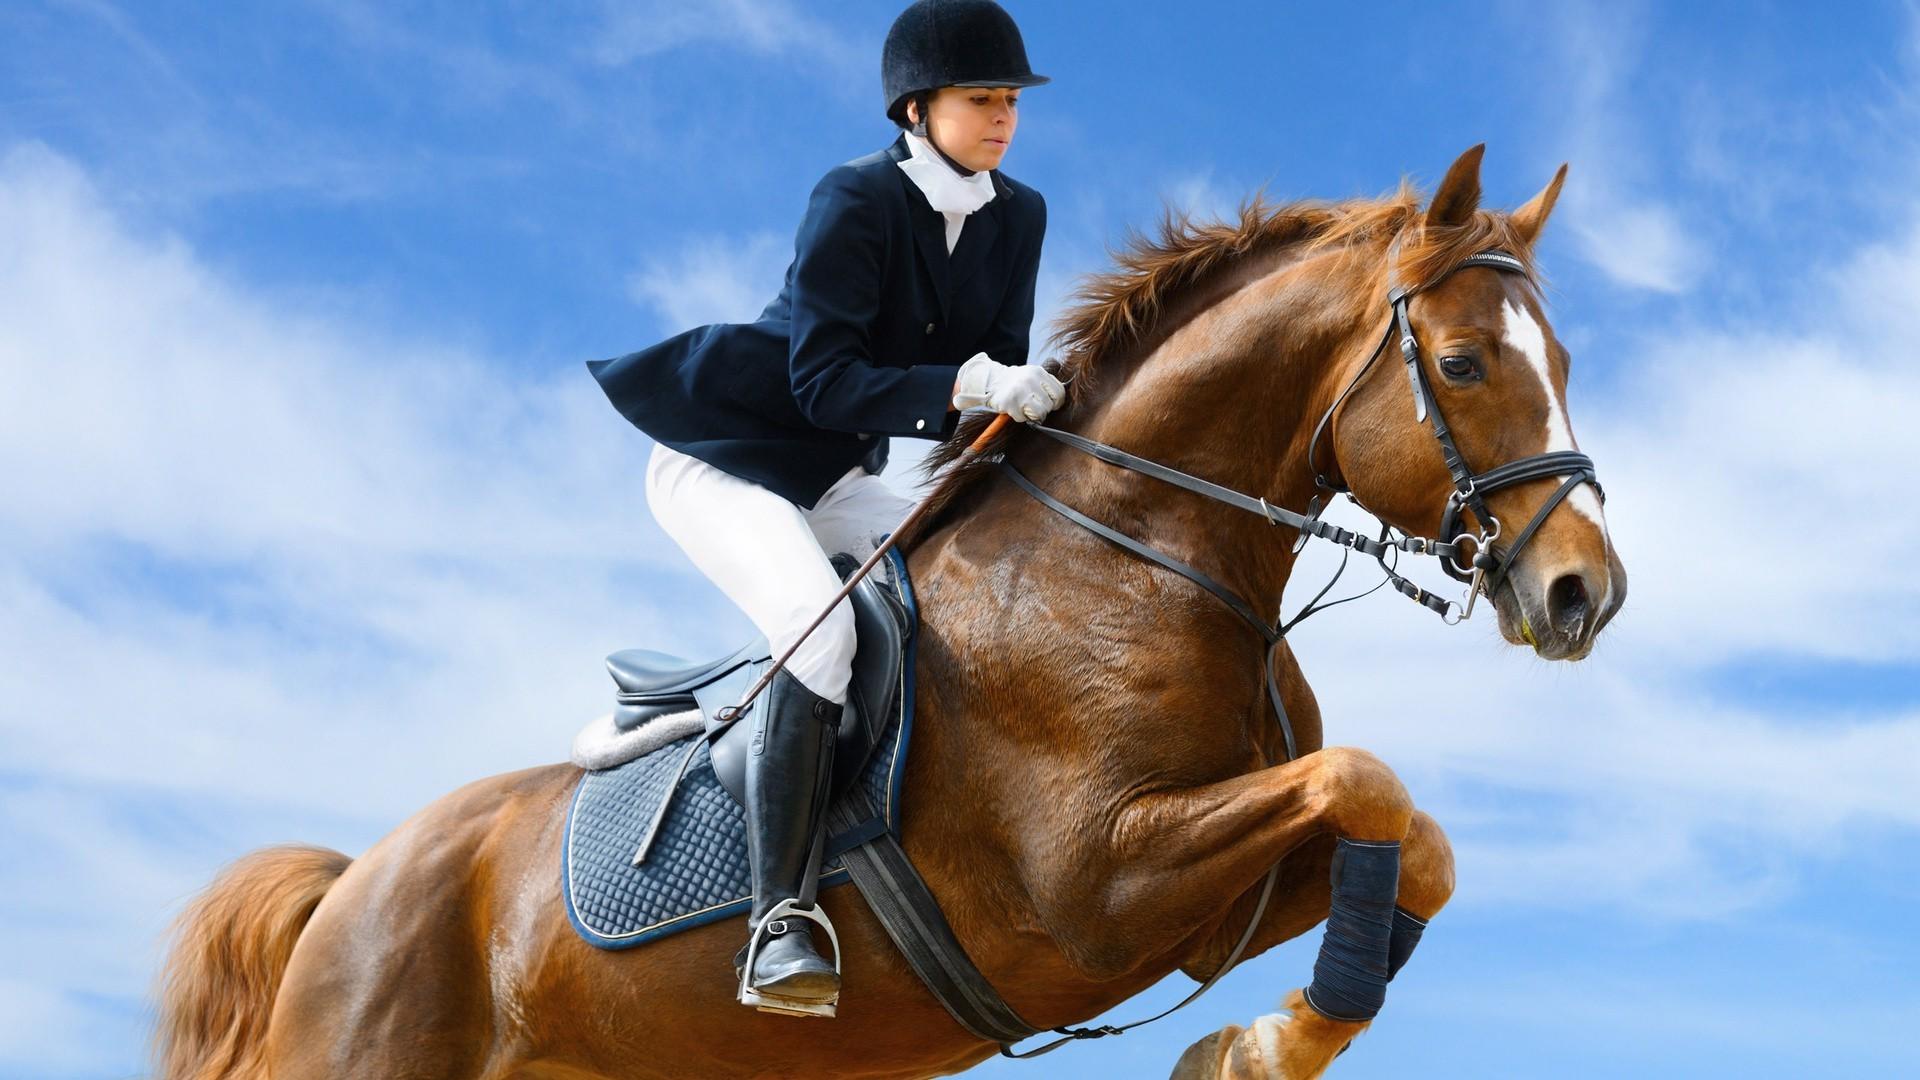 caballo men El caballo 7 leguas se excita al oler a la yegua de lejoscausando el morbo de todos los presentes , su dueño oscar luce su caballo con orgullo , pues el.